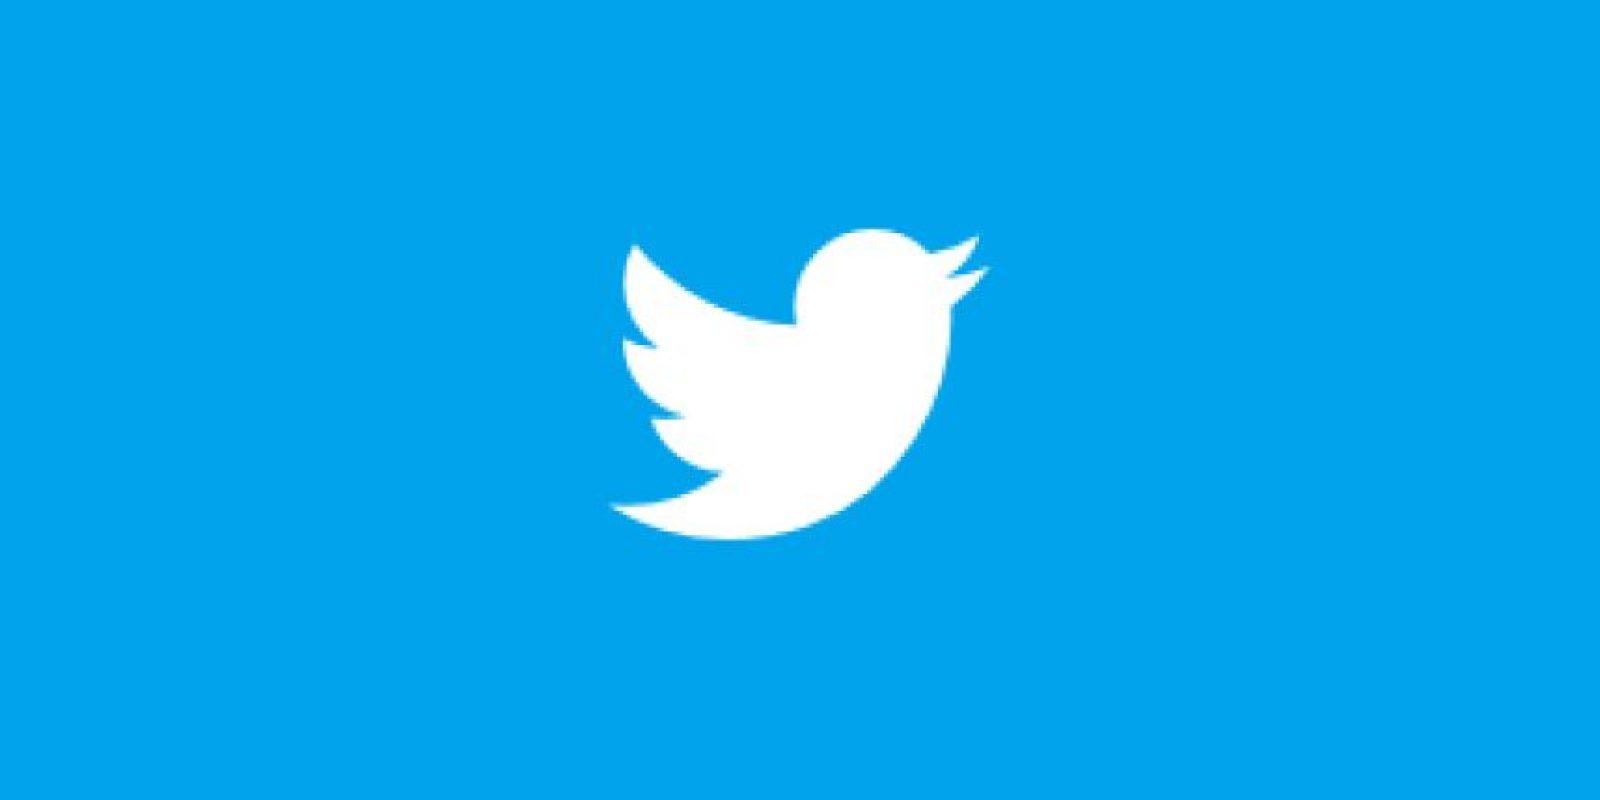 """De acuerdo con """"CNet.com"""", Twitter tiene planeado lanzar un proyecto editorial llamado Moments Foto:Twitter"""